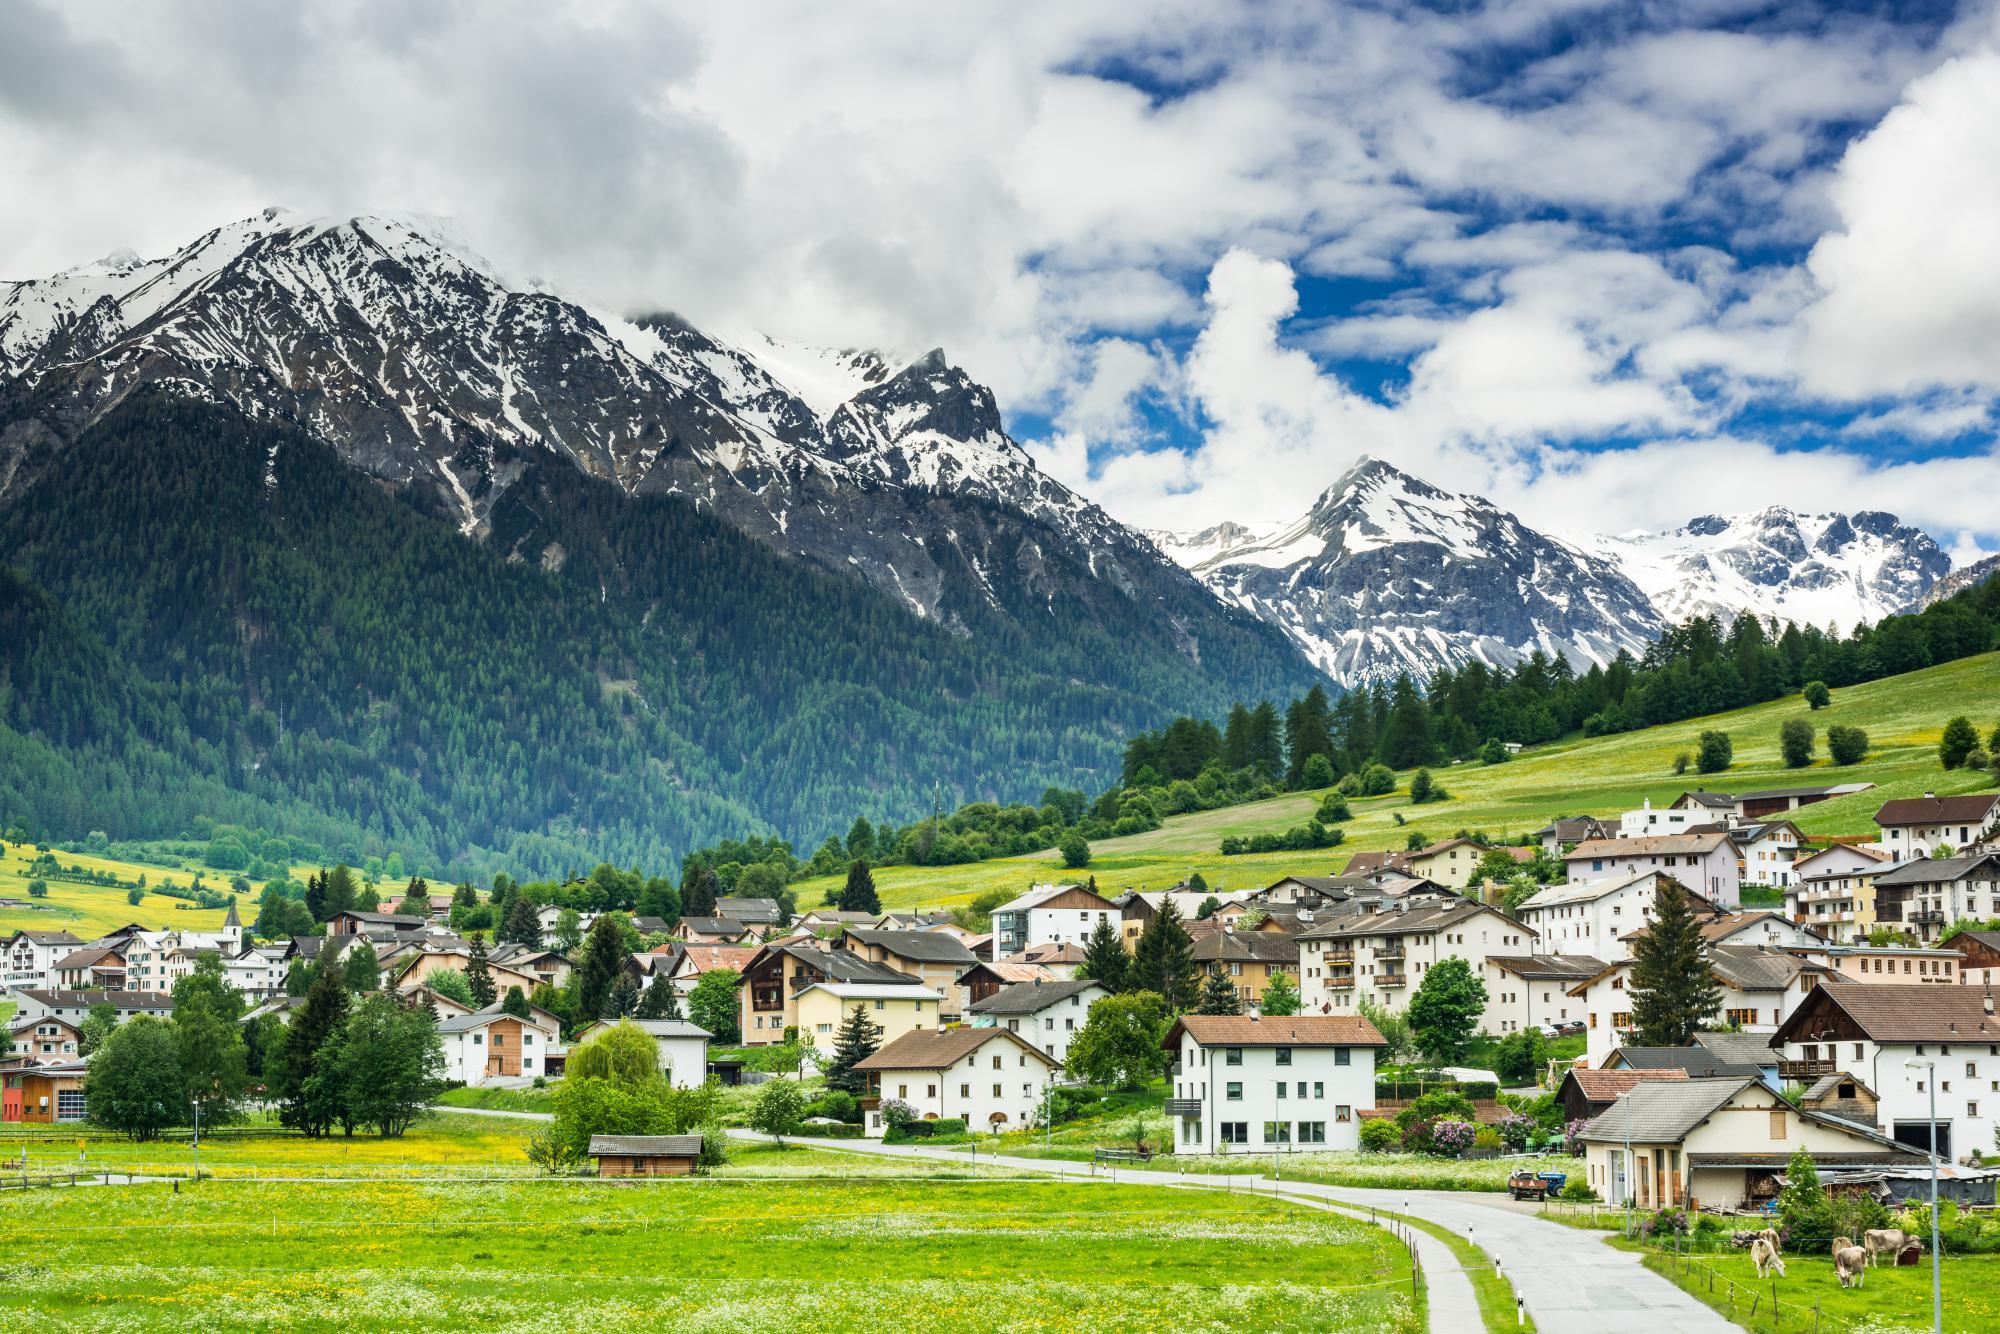 ЕС требует от Швейцарии не конкурировать с ней налогами. «Оффшор» в Цуге может быть закрыт